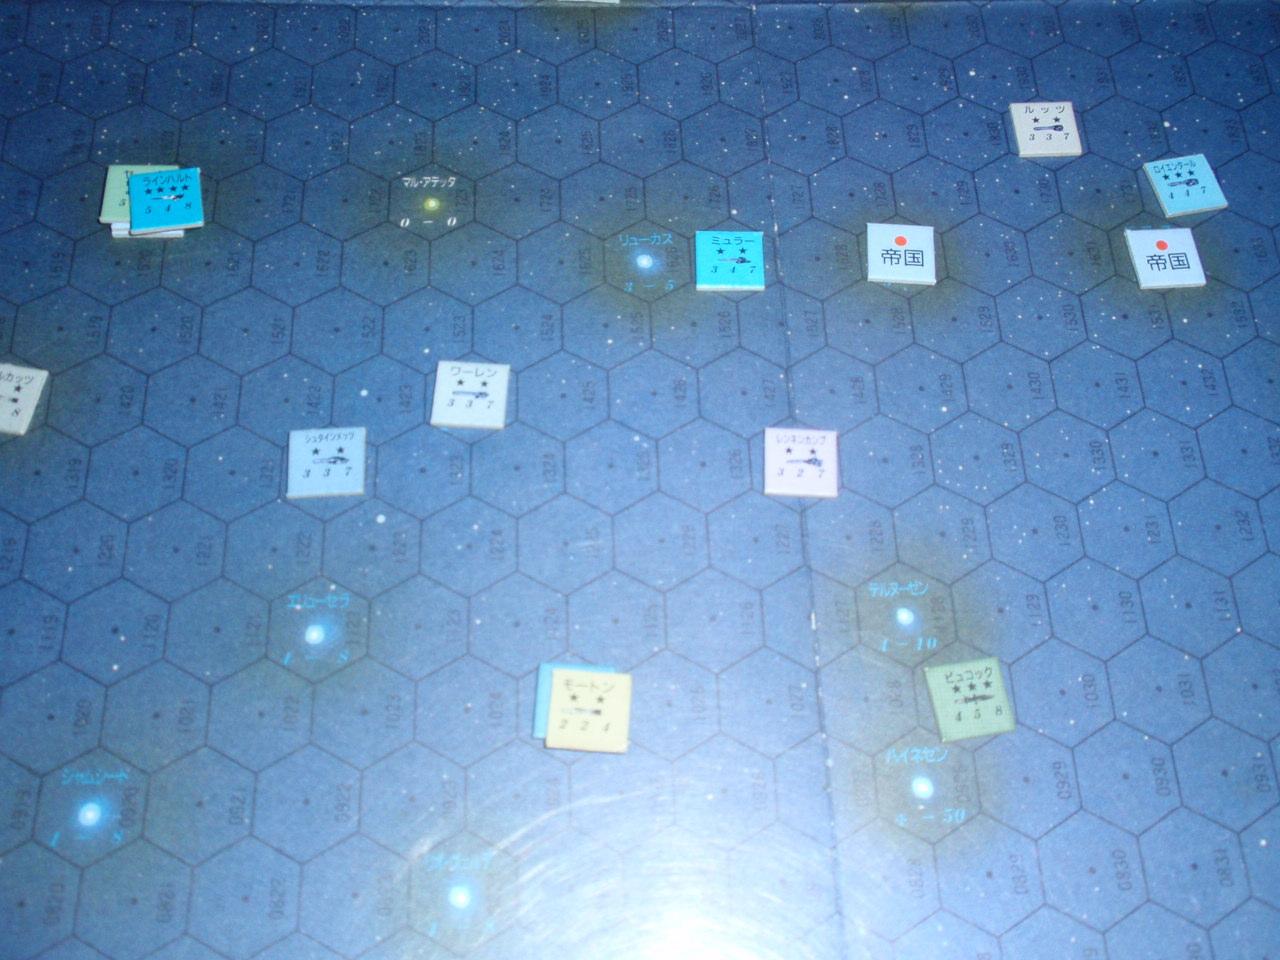 ツクダ「ラグナロック作戦」対戦記録⑦_b0162202_20141222.jpg